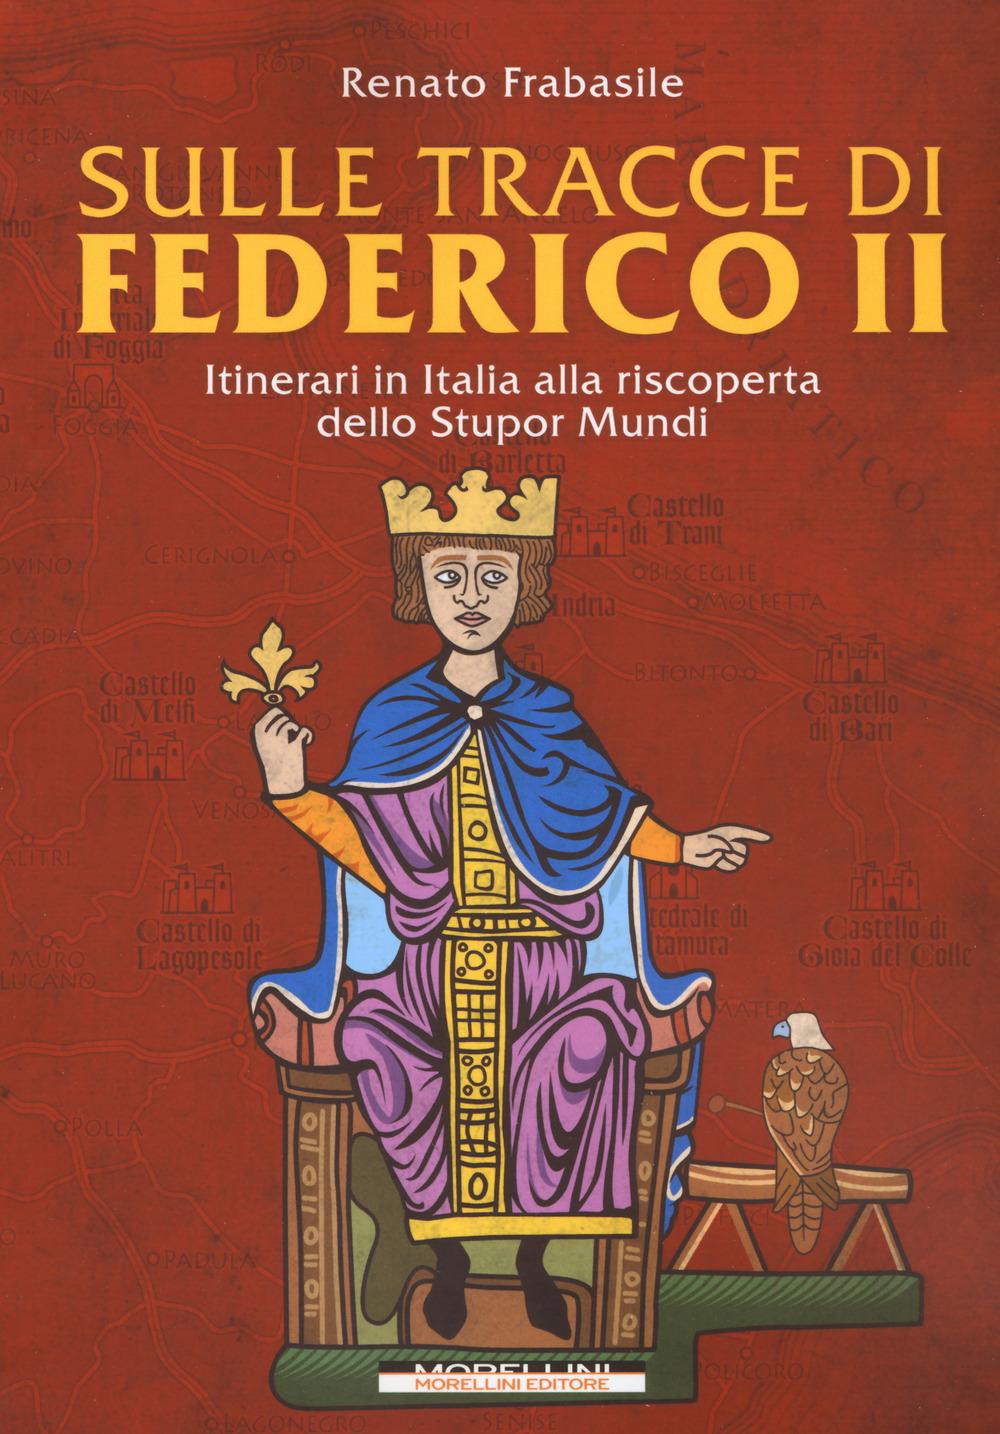 Sulle tracce di Federico II. Itinerari in Italia alla riscoperta dello stupor mundi